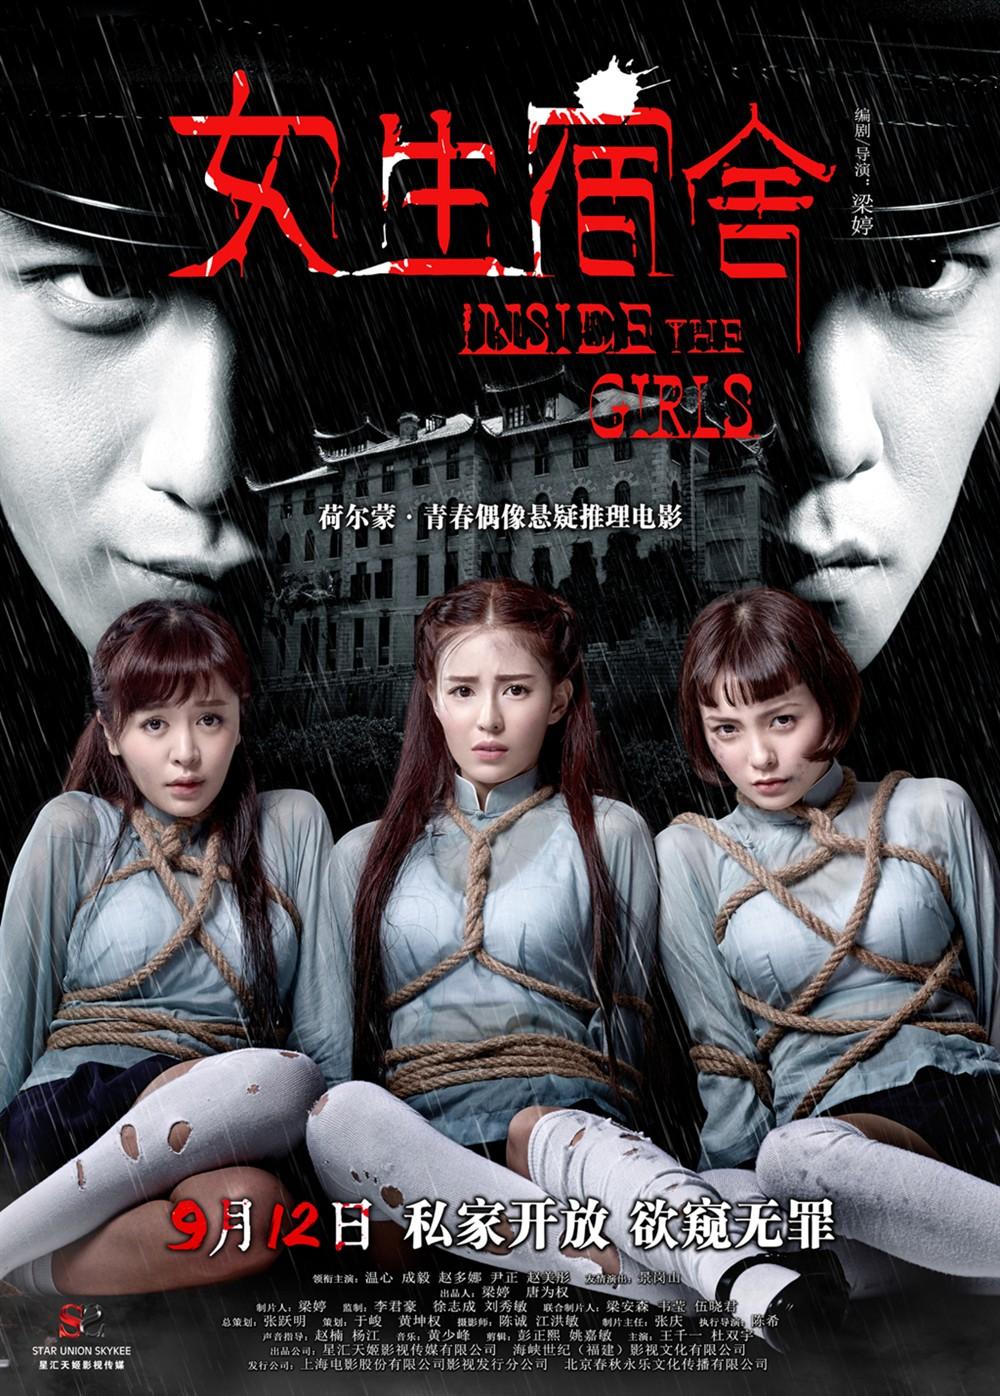 INSIDE THE GIRLS (2014)